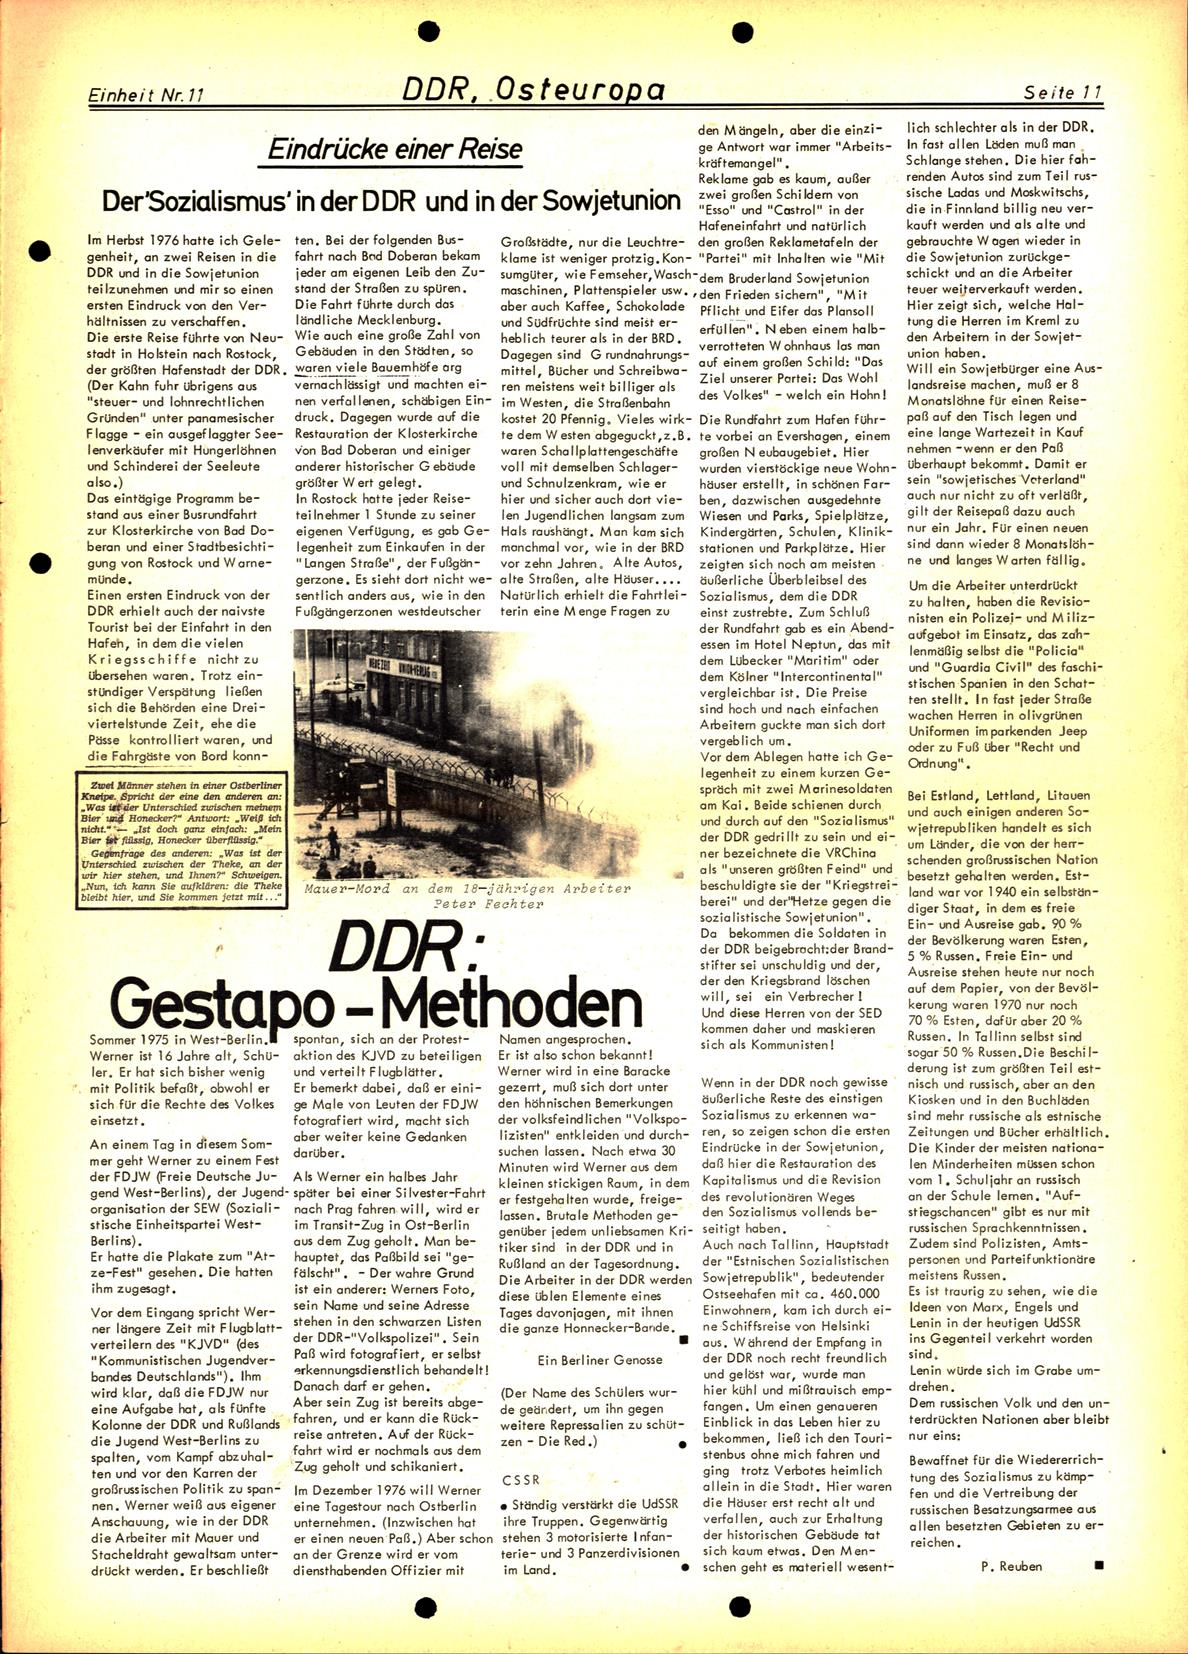 Koeln_IPdA_Einheit_1977_011_011